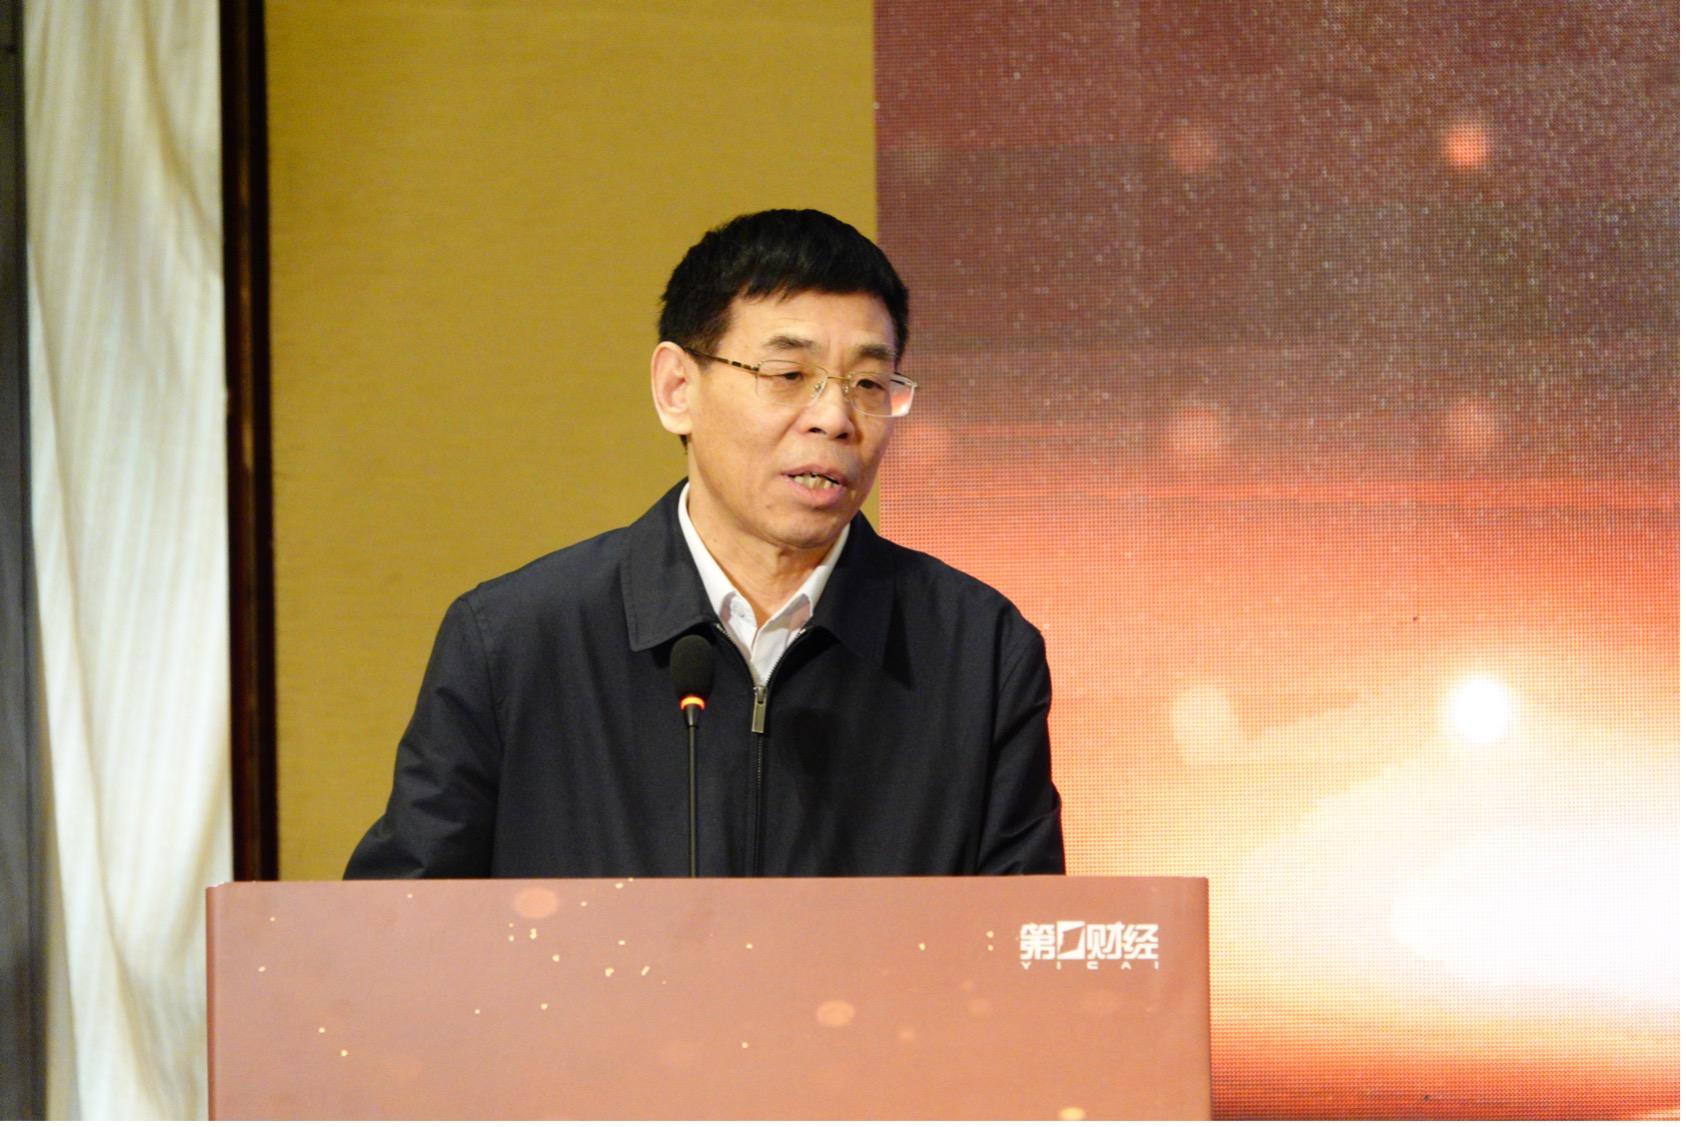 农业农村部农村经济研究中心研究员、华中农业大学乡村振兴研究院院长 宋洪远